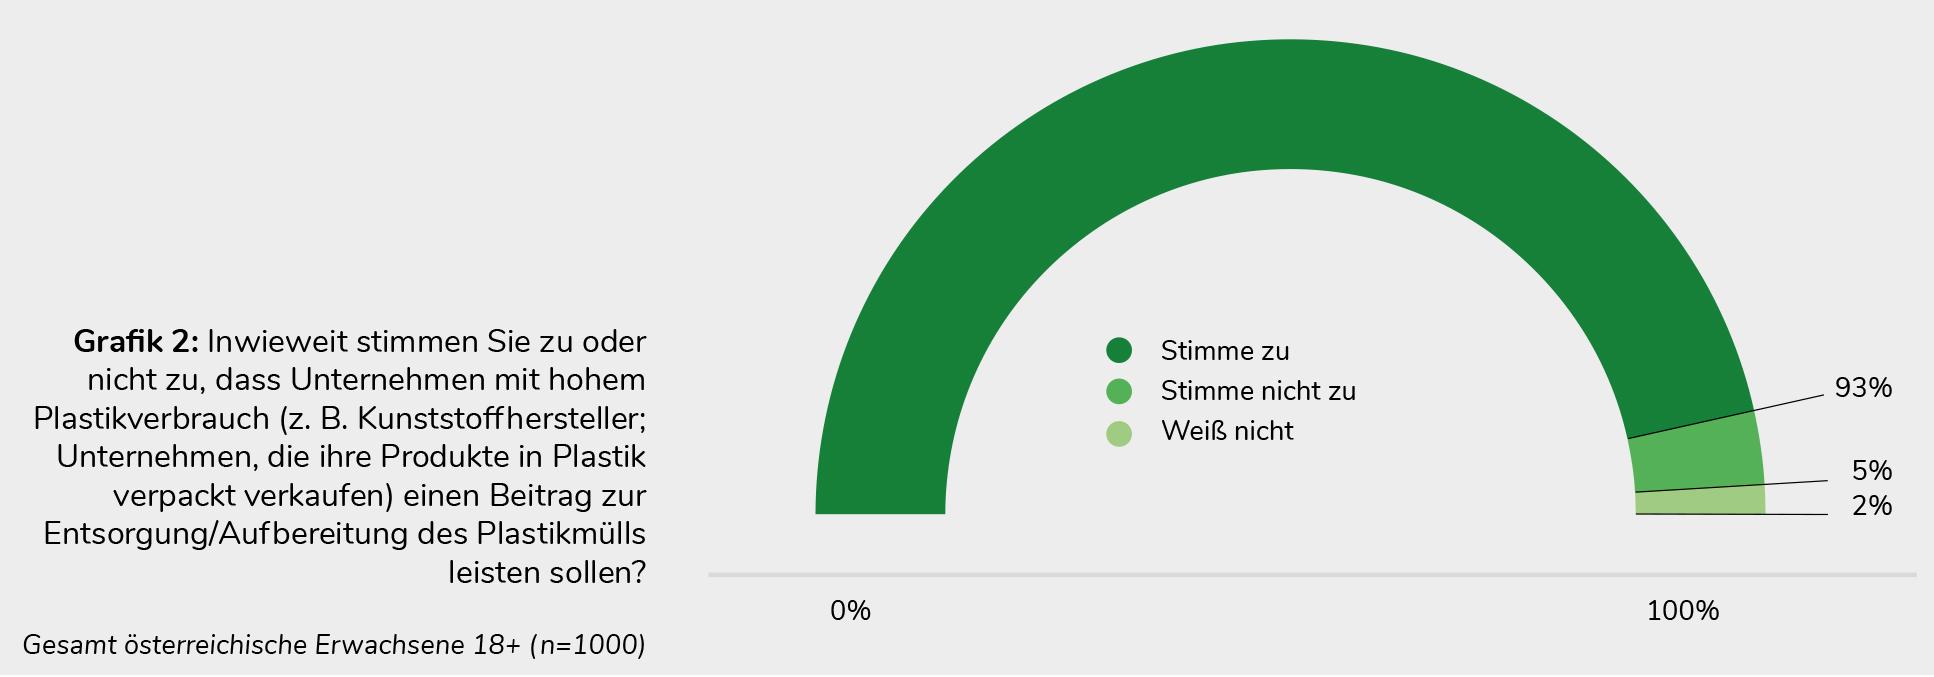 Pfandsystem für Österreich - Umfrageergebnis